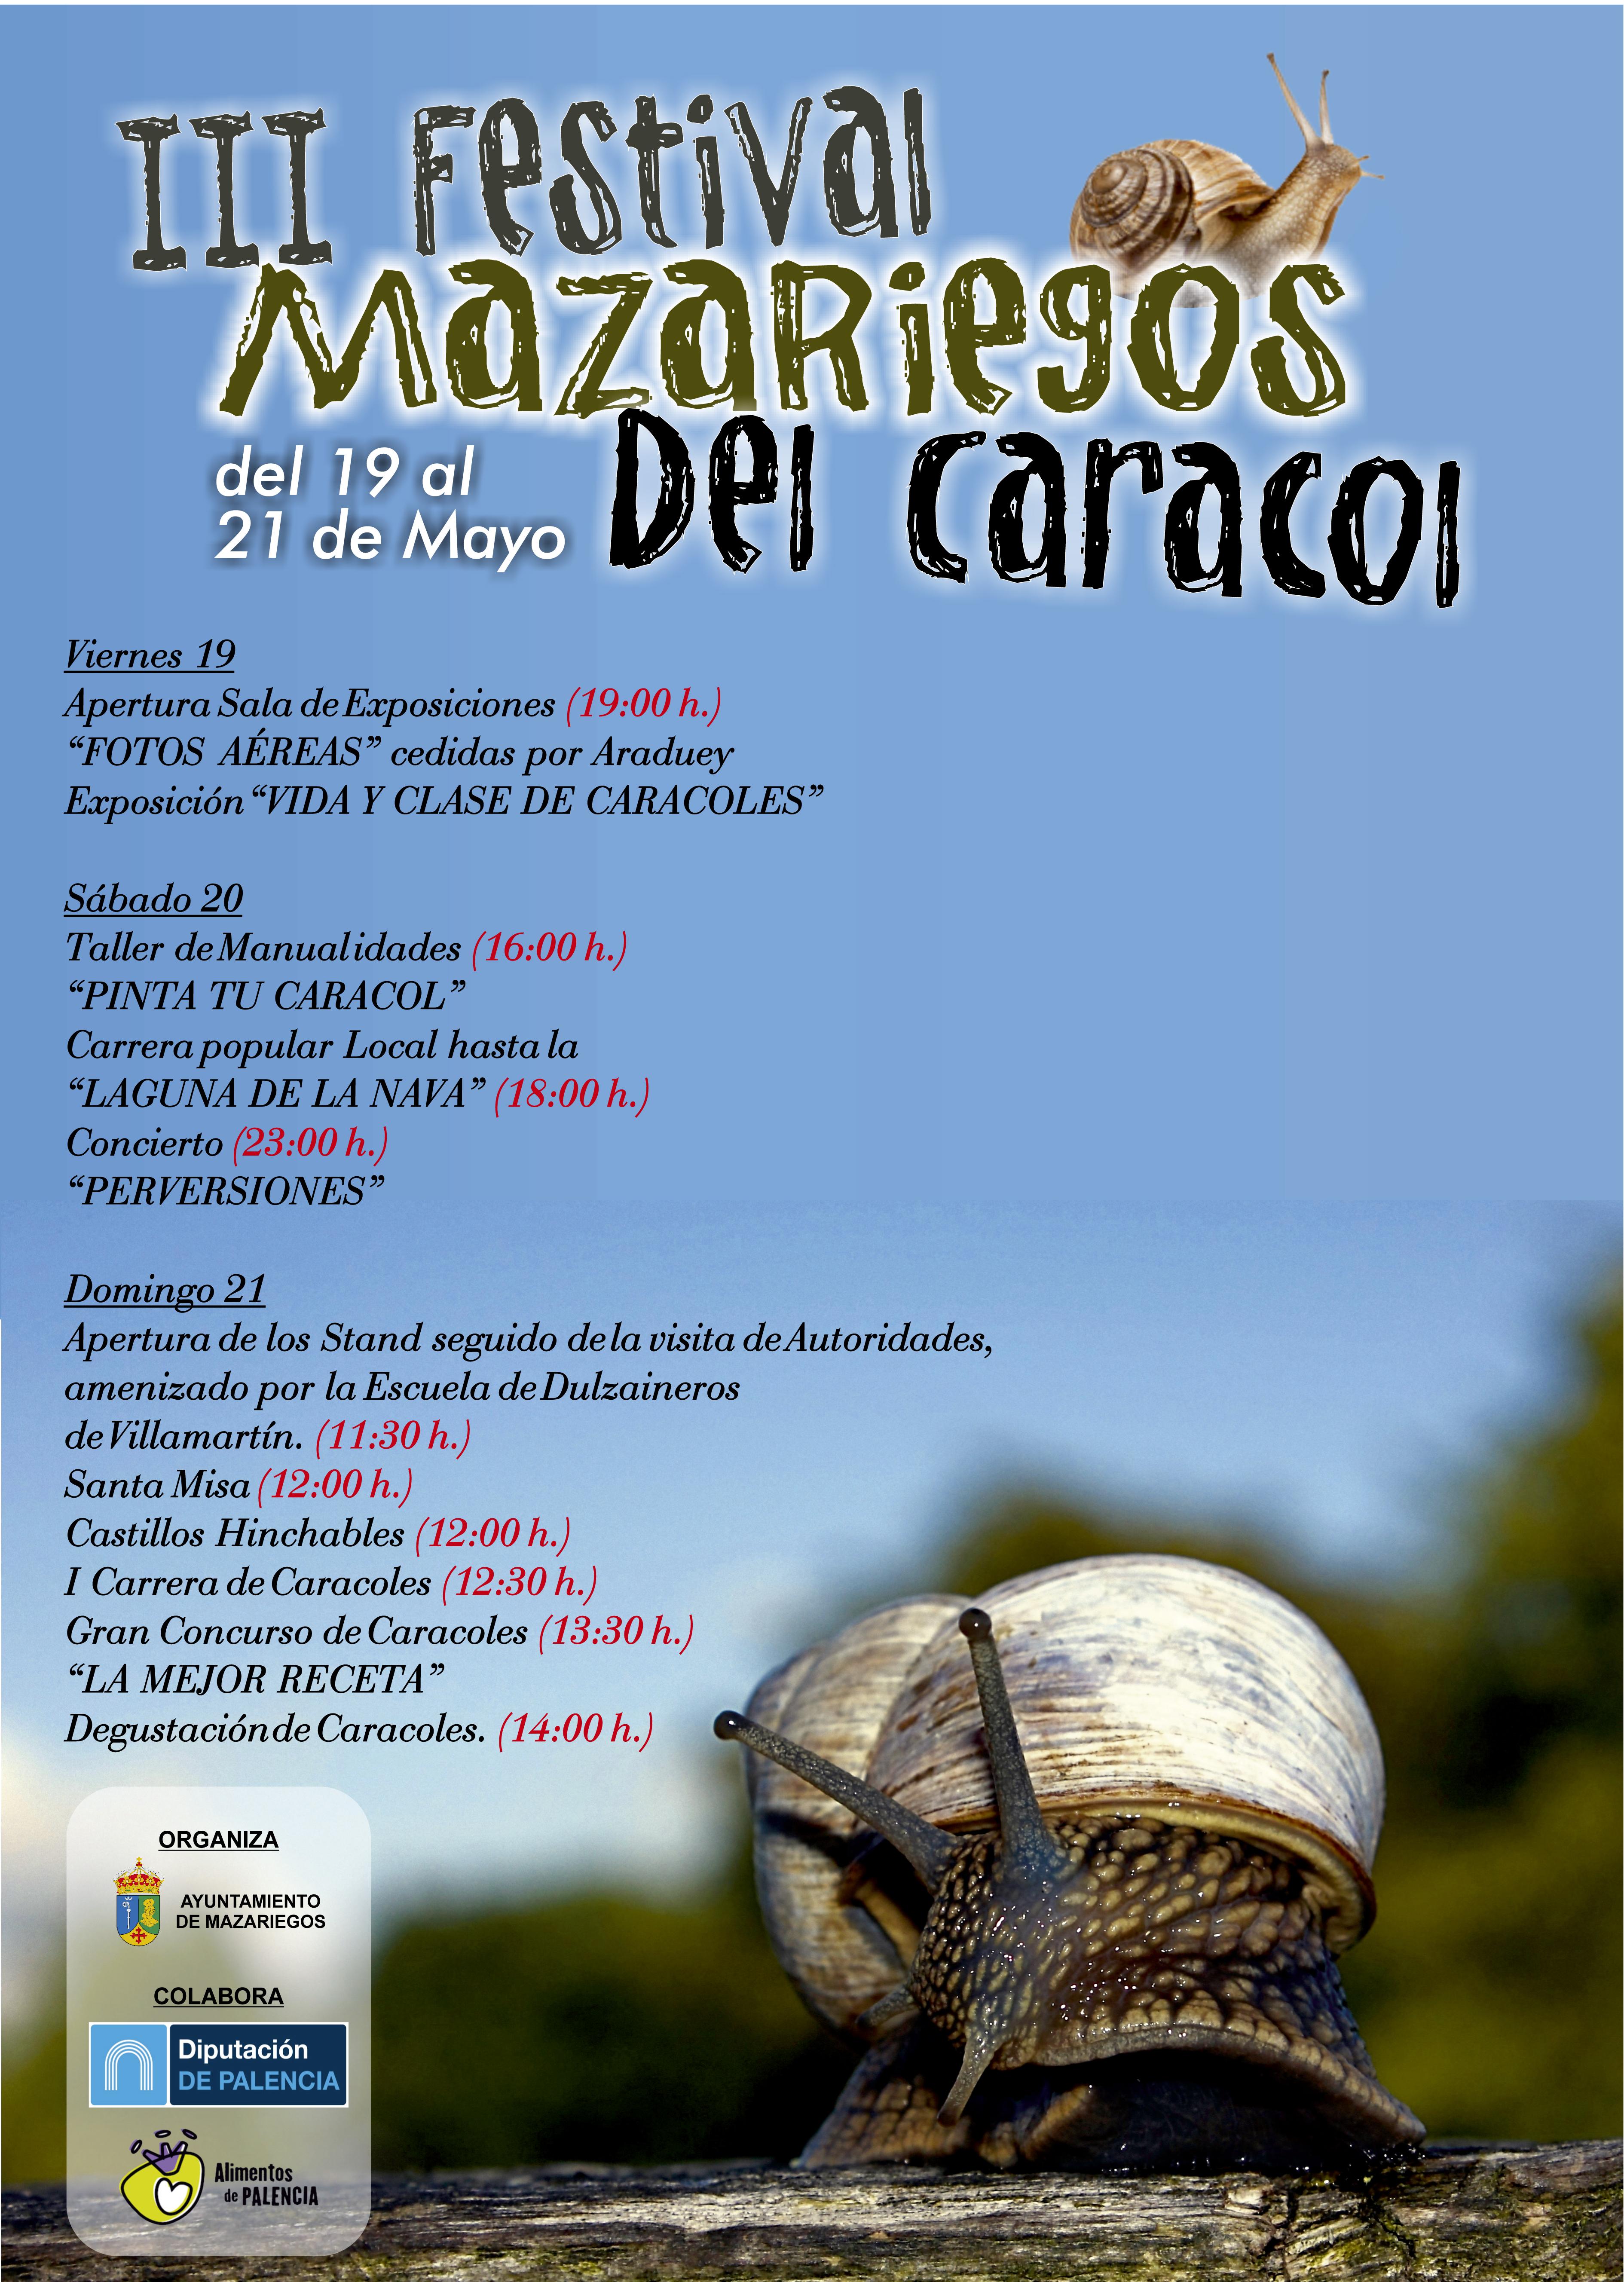 III Festival Mazariegos del caracol